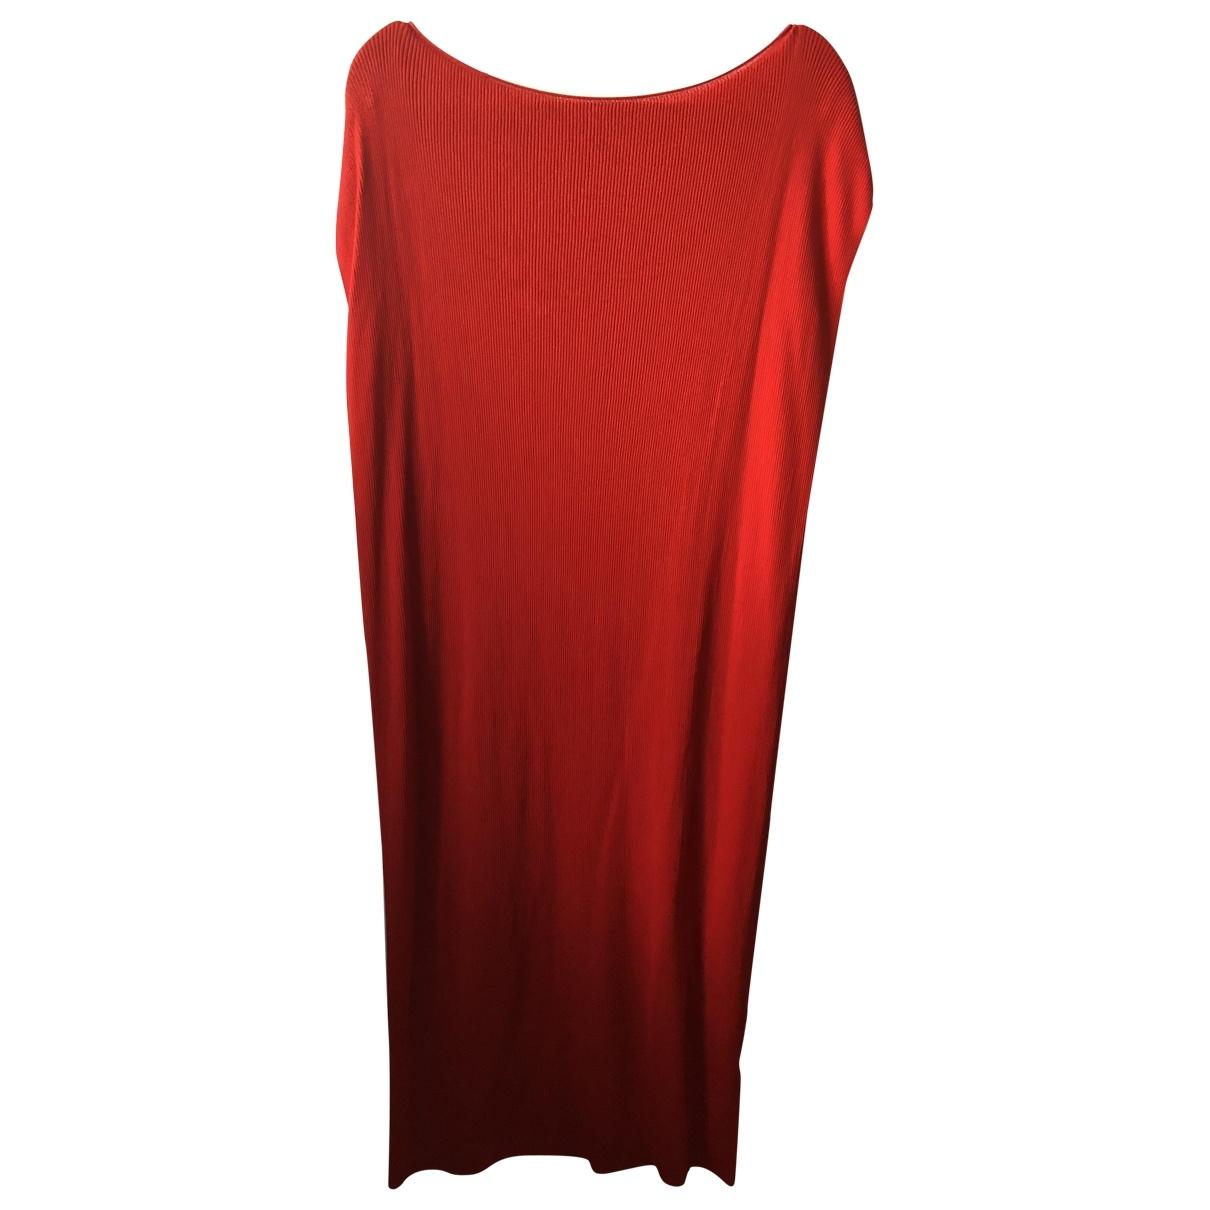 Cos \N Kleid in  Rot Baumwolle - Elasthan